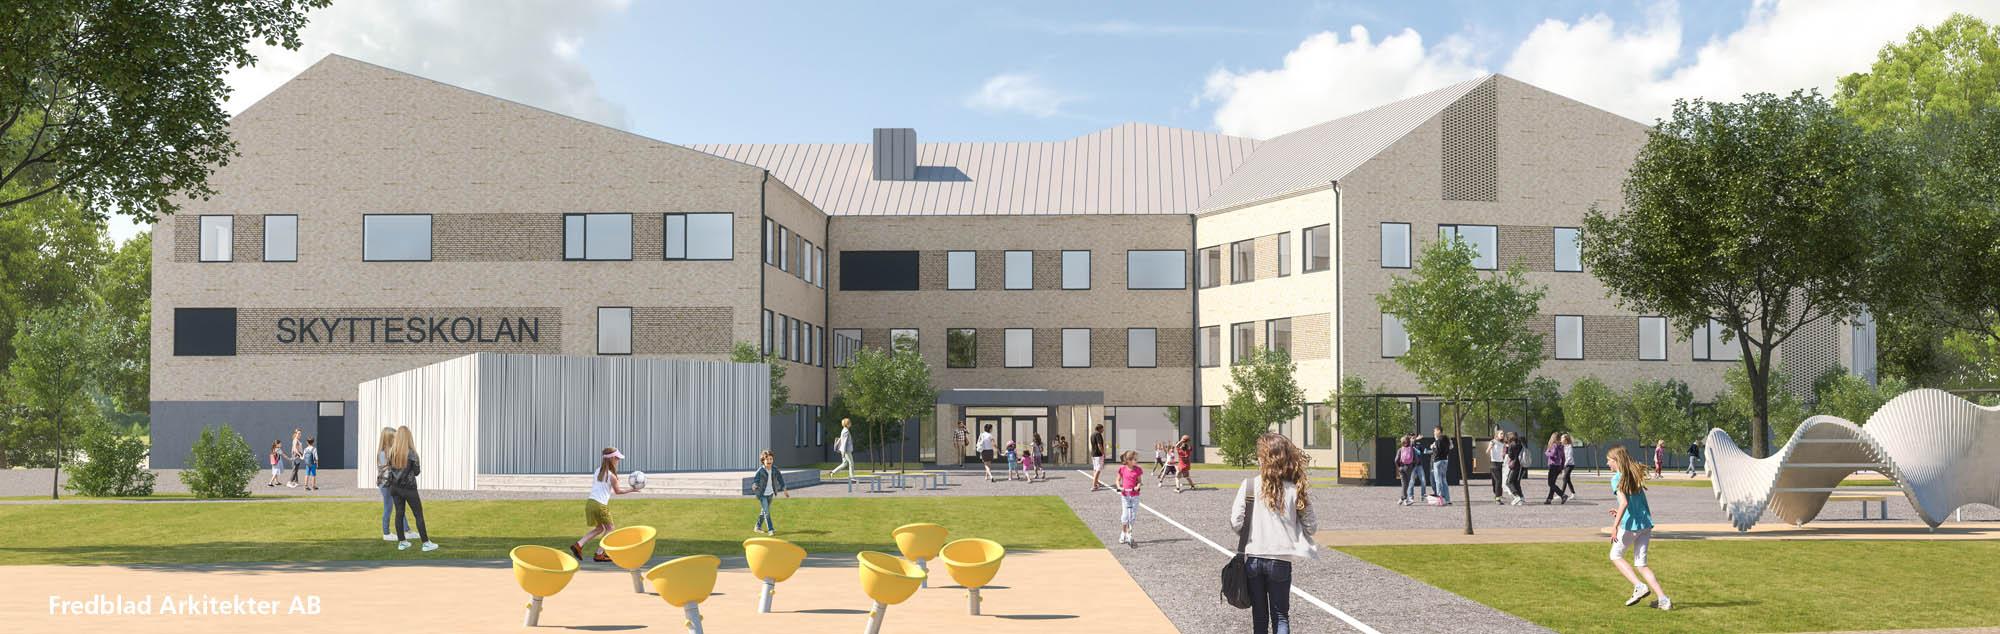 Prefab tillverkar betongstommar till fyra skolor